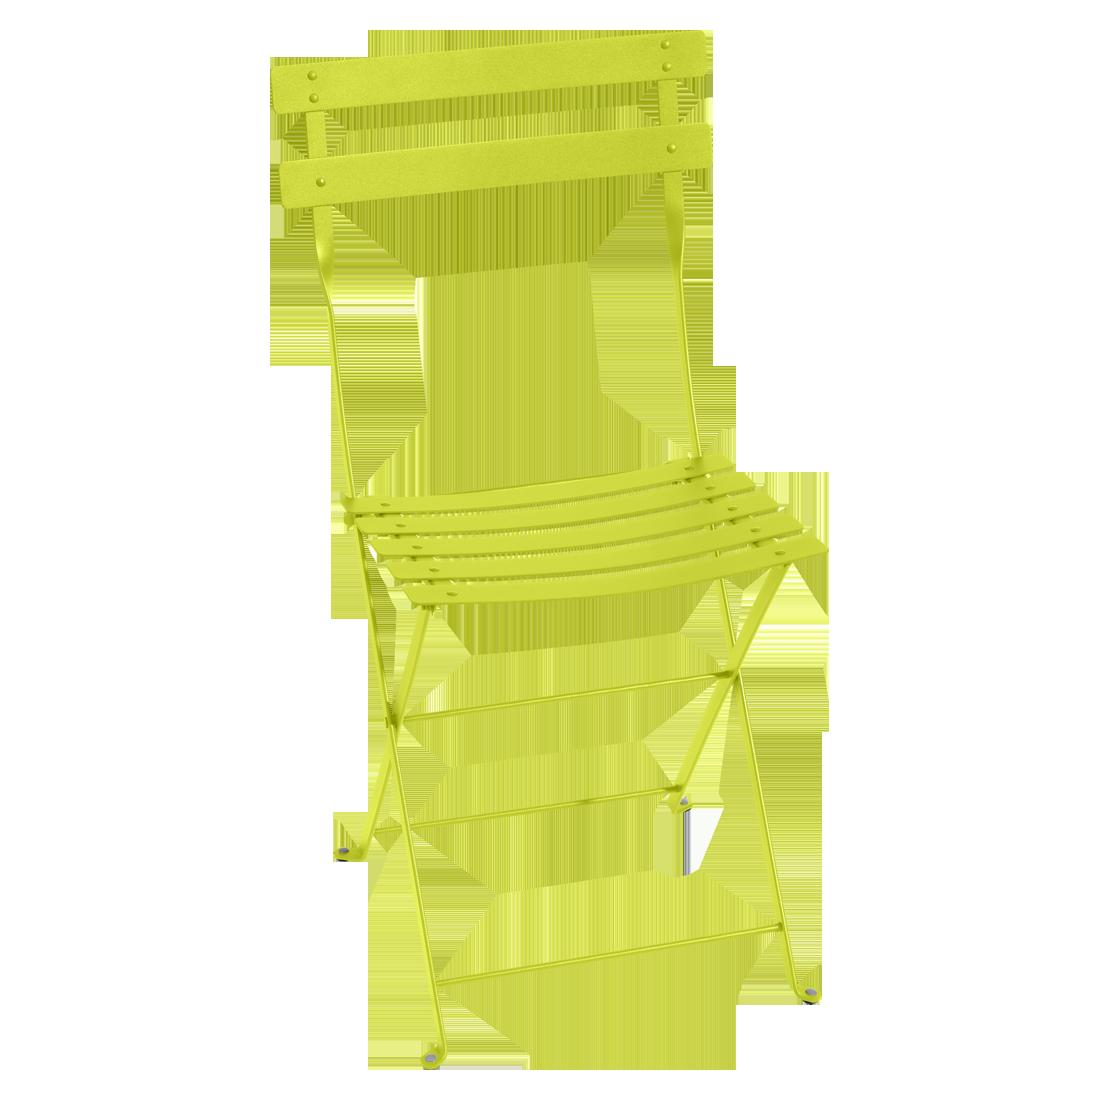 Location de chaise BISTRO (4 coloris) Location mobilier de réception ...